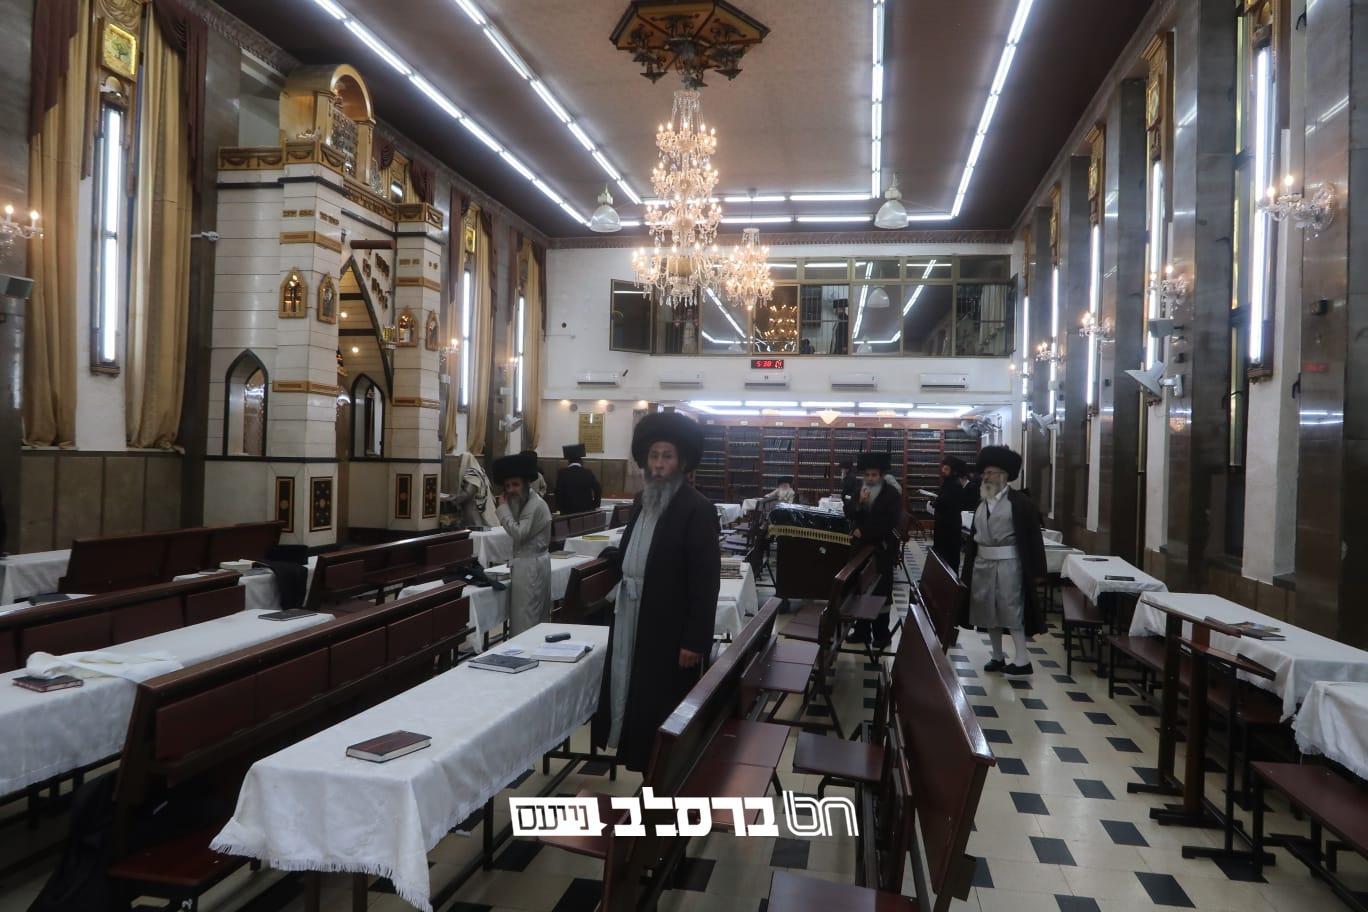 """ווירוס הקורונה – כך נראו התפילות בבית הכנסת הגדול דחסידי ברסלב שבמא""""ש בשבת קודש ויק""""פ החודש"""